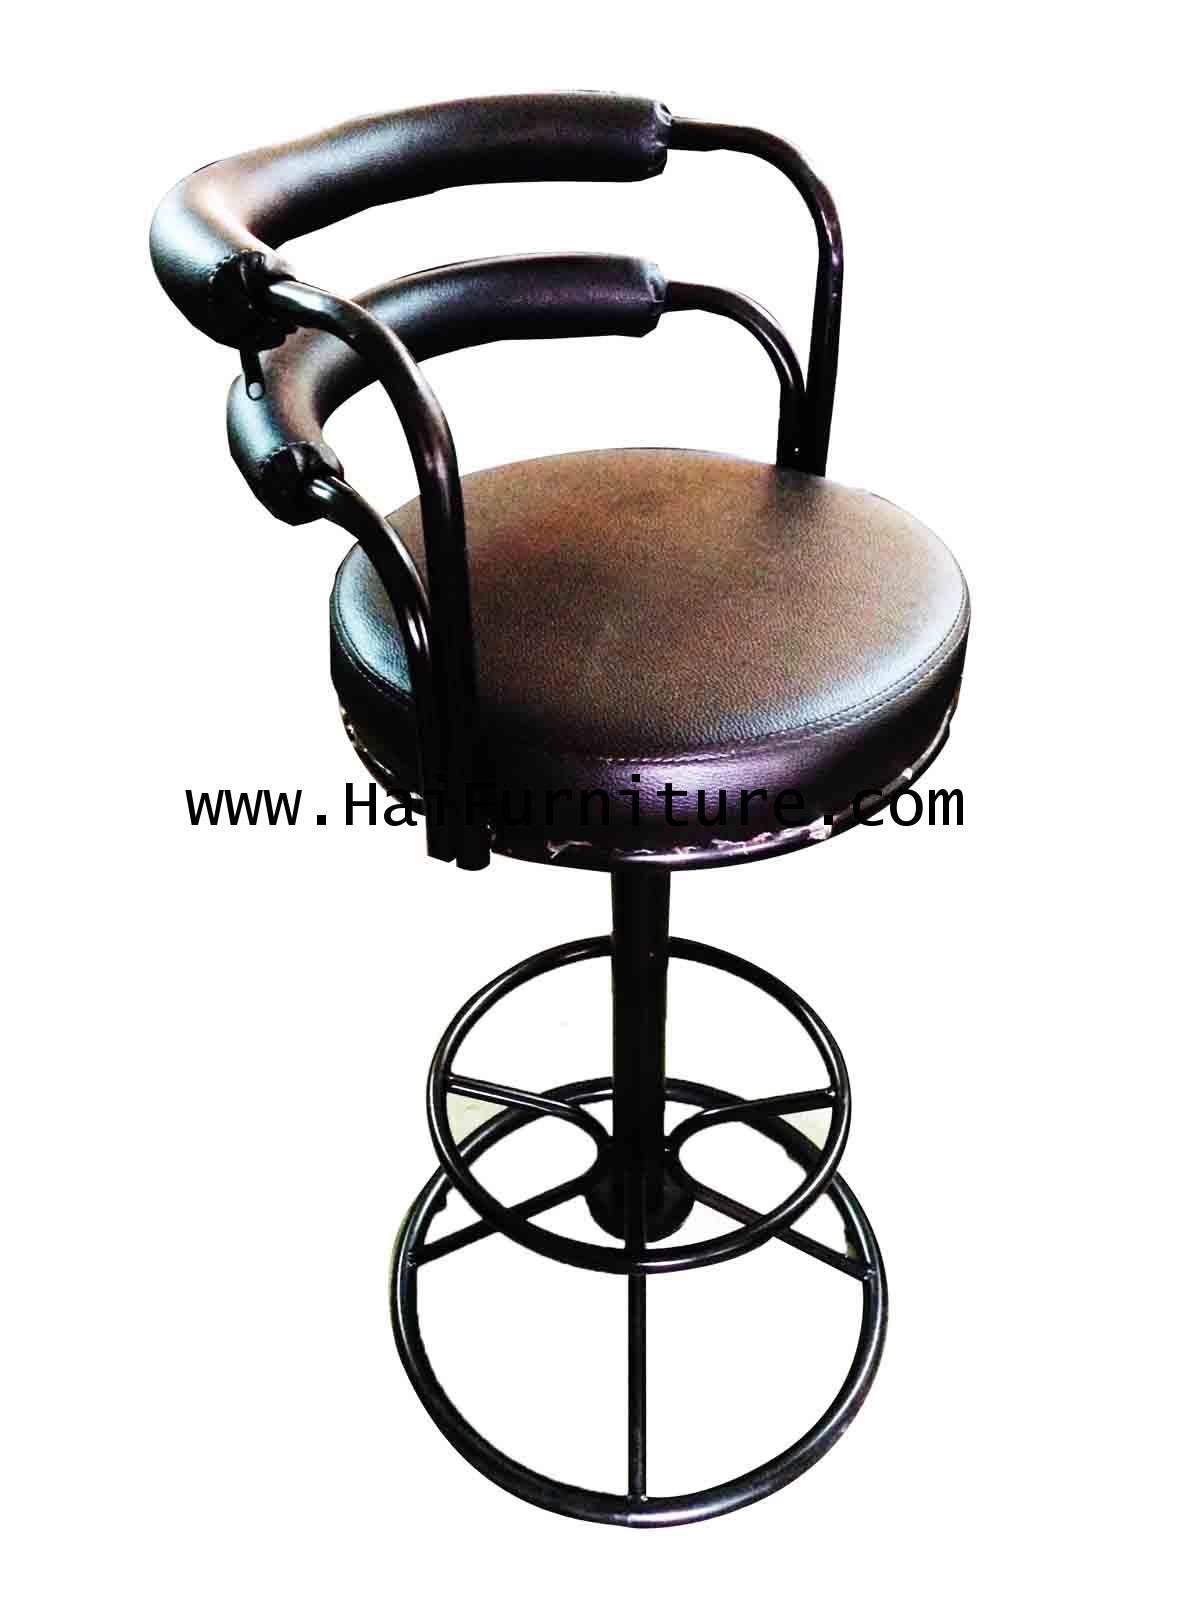 เก้าอี้บาร์ มีพนักพิง เบาะหนังสีดำ